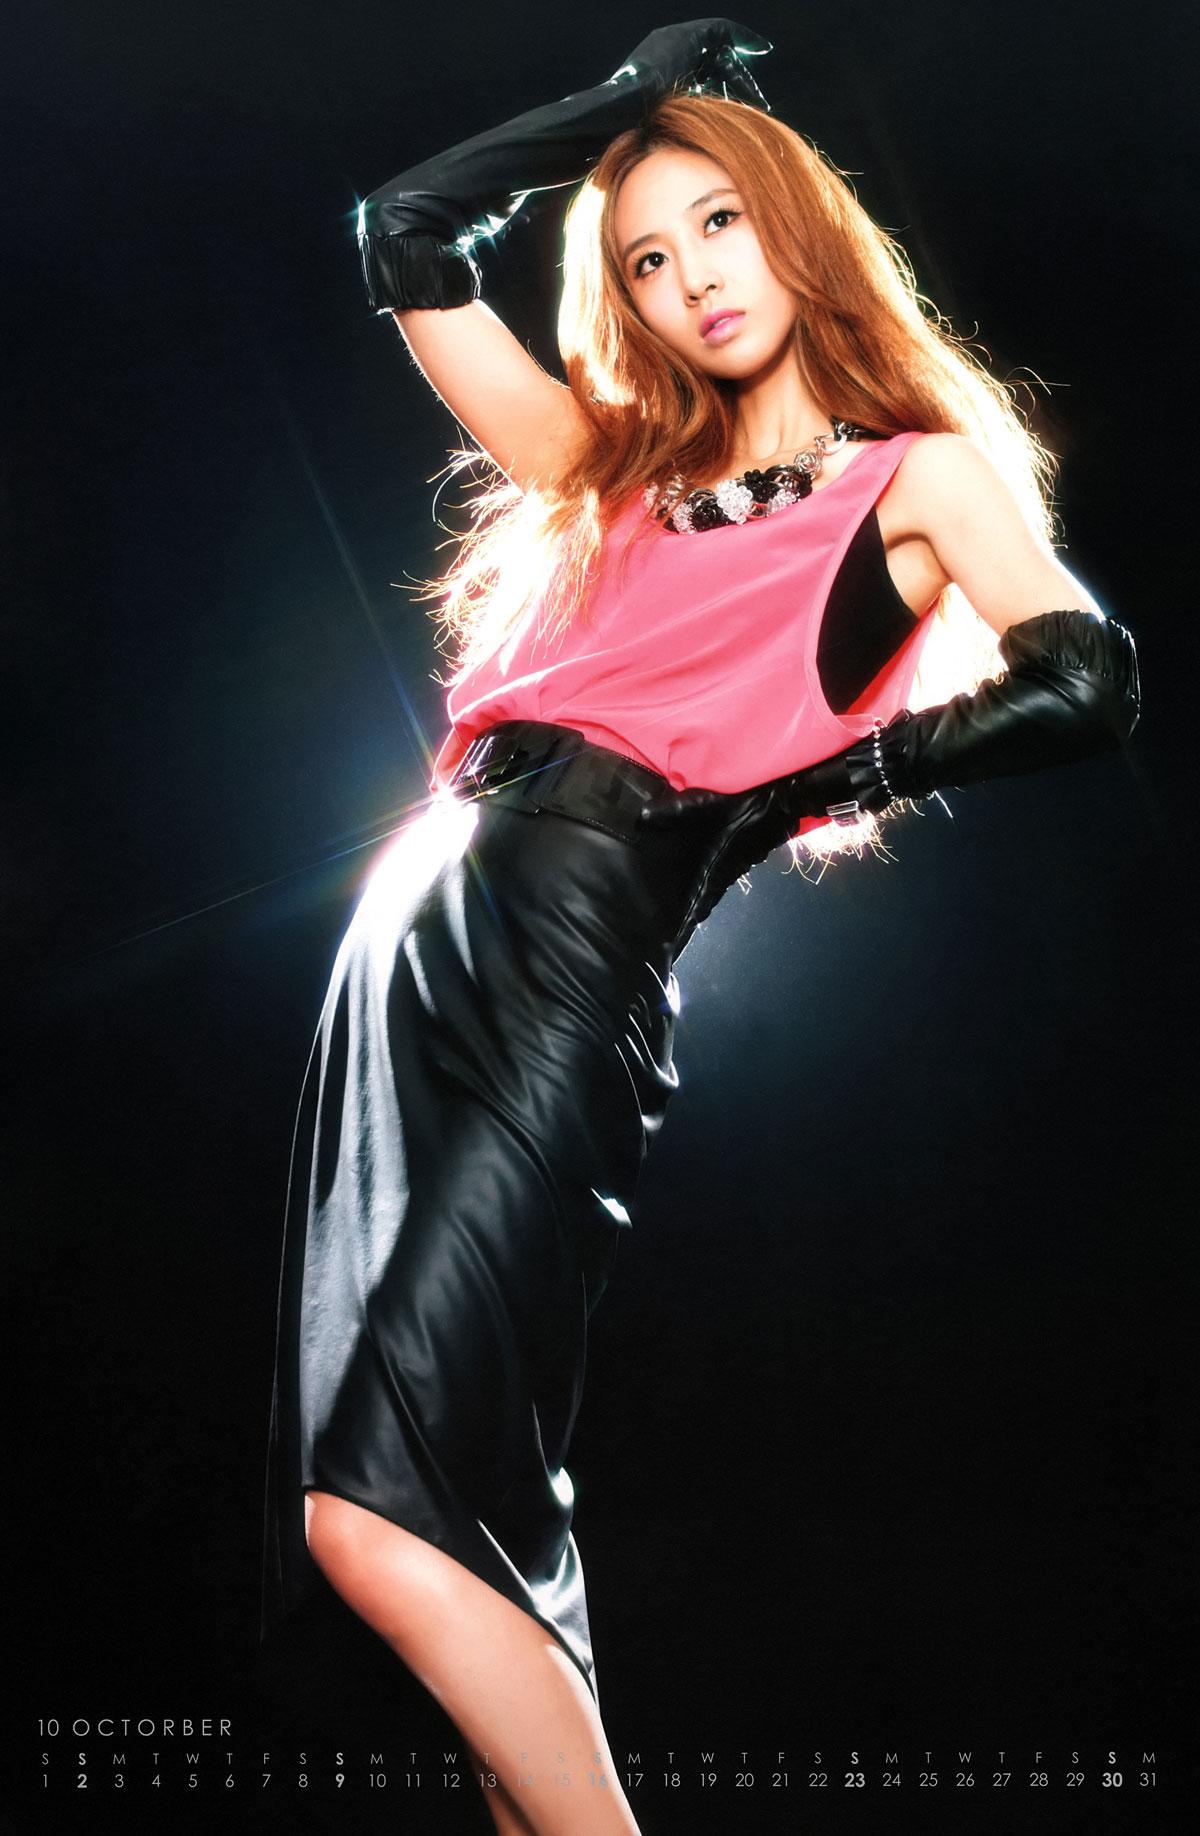 Girls' Generation 2011 Tour calendar